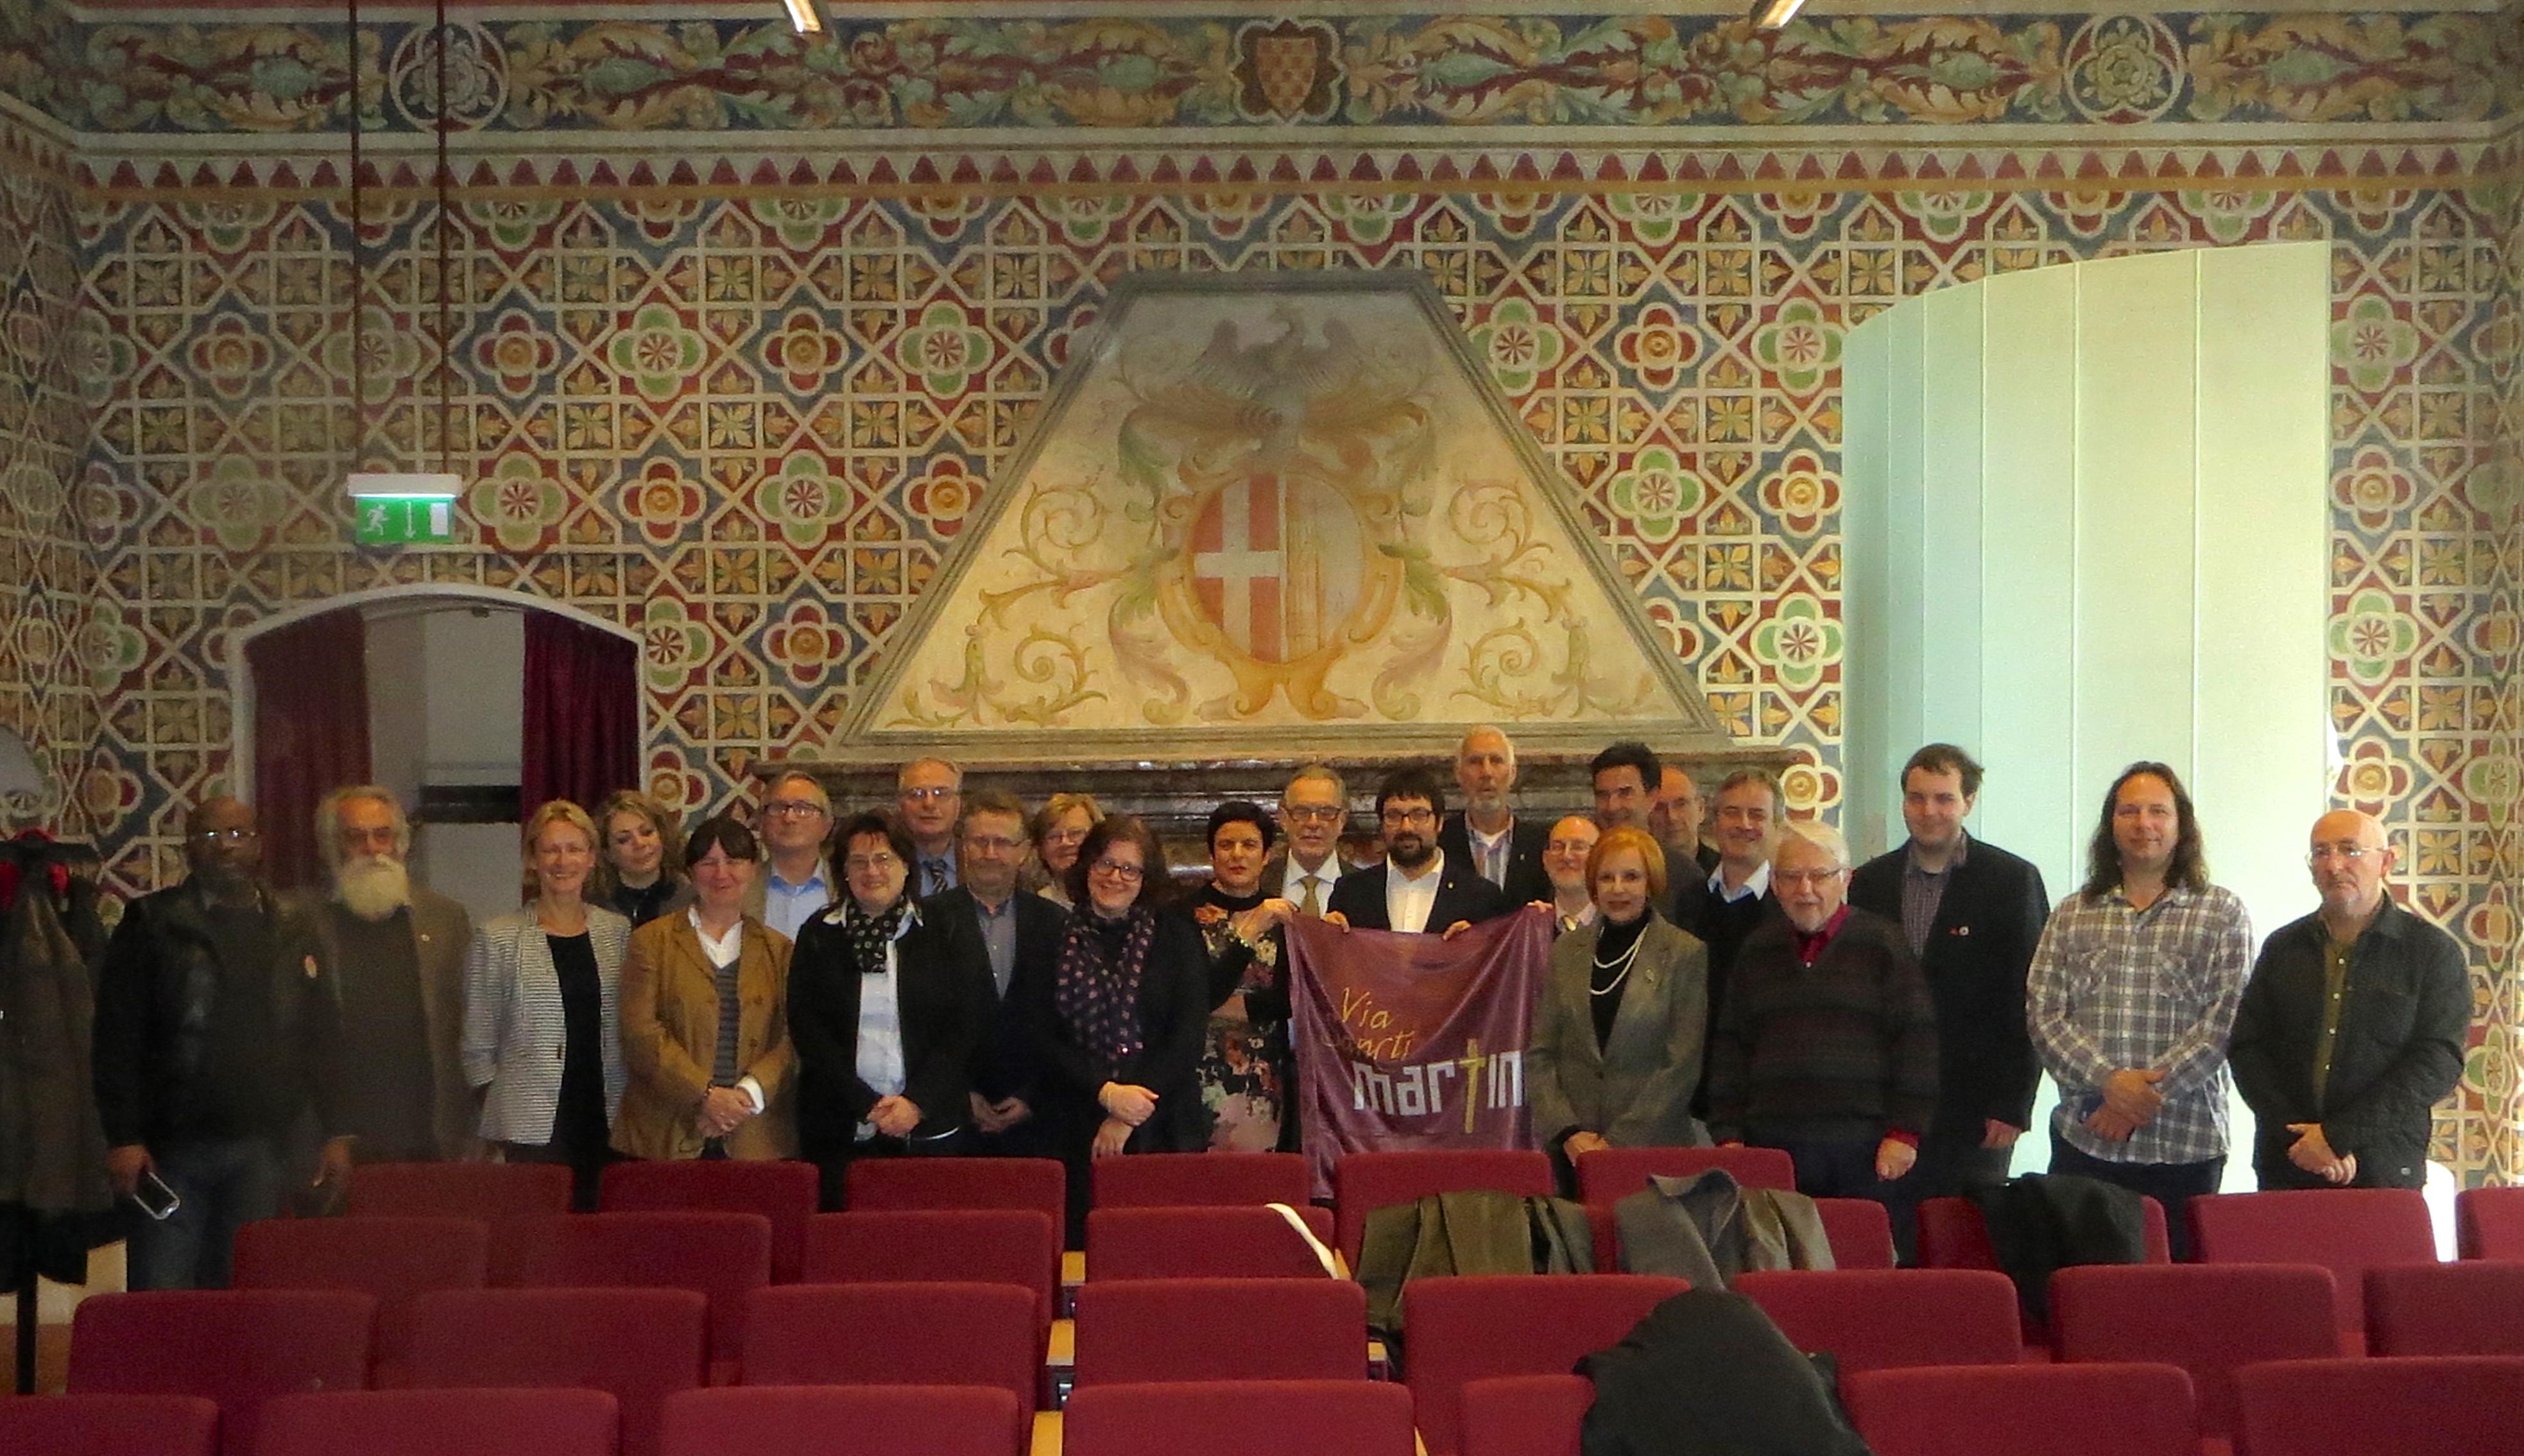 Les présidents des Centres culturels européens saint-Martin réunis à Pavie.